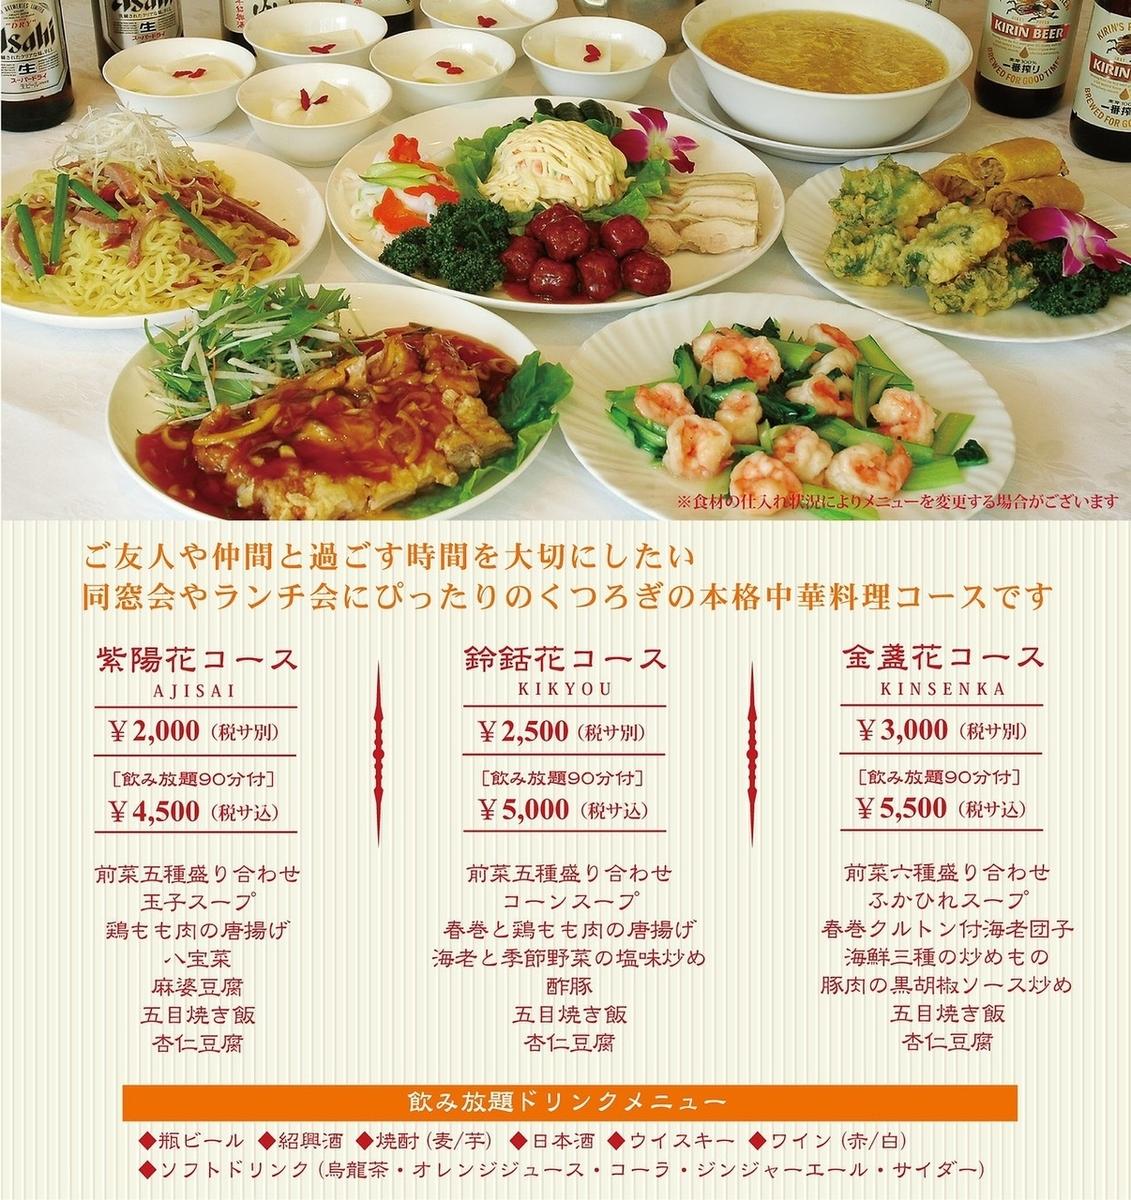 同窓会やOB会にぴったりの中華料理のコース